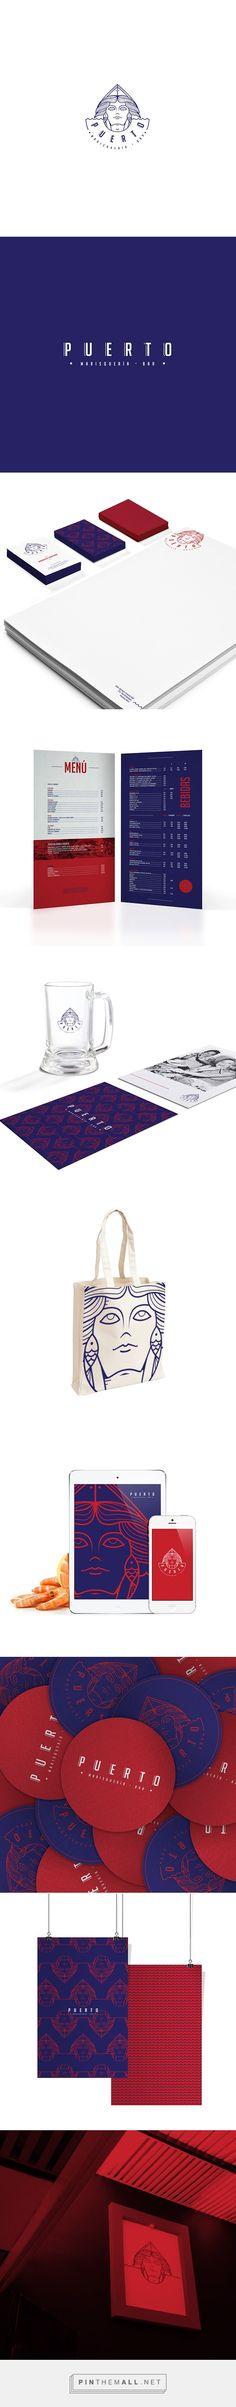 Puerto Marisqueria Bar Branding por Salvador Munca    Agencia de Branding Fivestar - Diseño y la Agencia de Branding & Inspiration Gallery Curada http://jrstudioweb.com/diseno-grafico/diseno-de-logotipos/